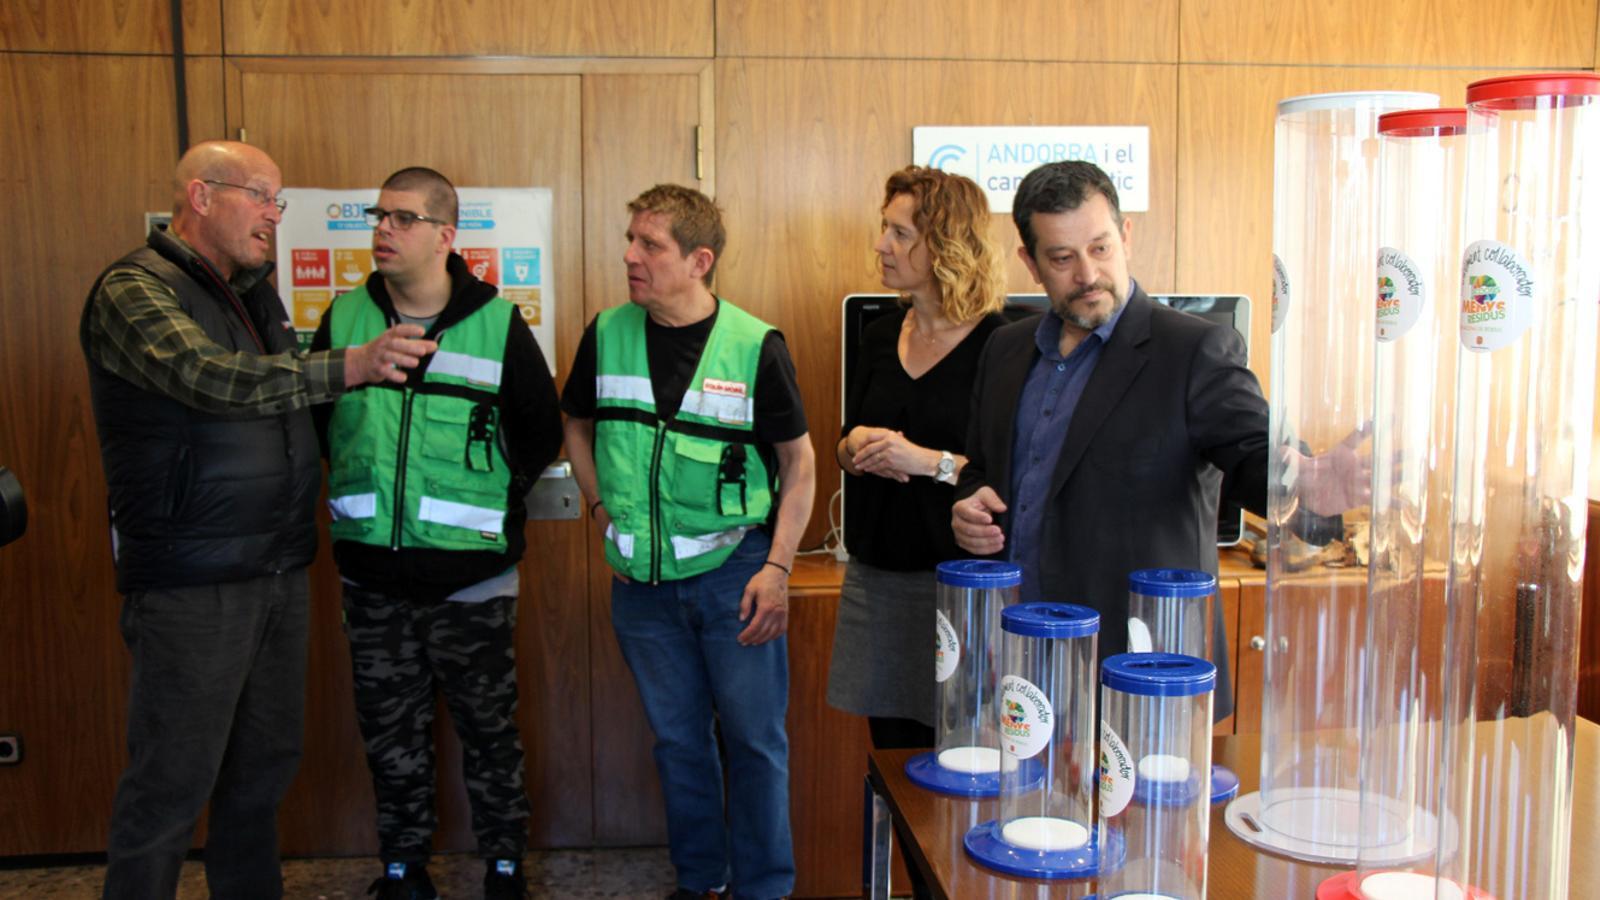 La ministra de Medi Ambient, Agricultura i Sostenibilitat, Sílvia Calvó, junt amb l'equip de persones que ha recollit els contenidors. / T. N. (ANA)